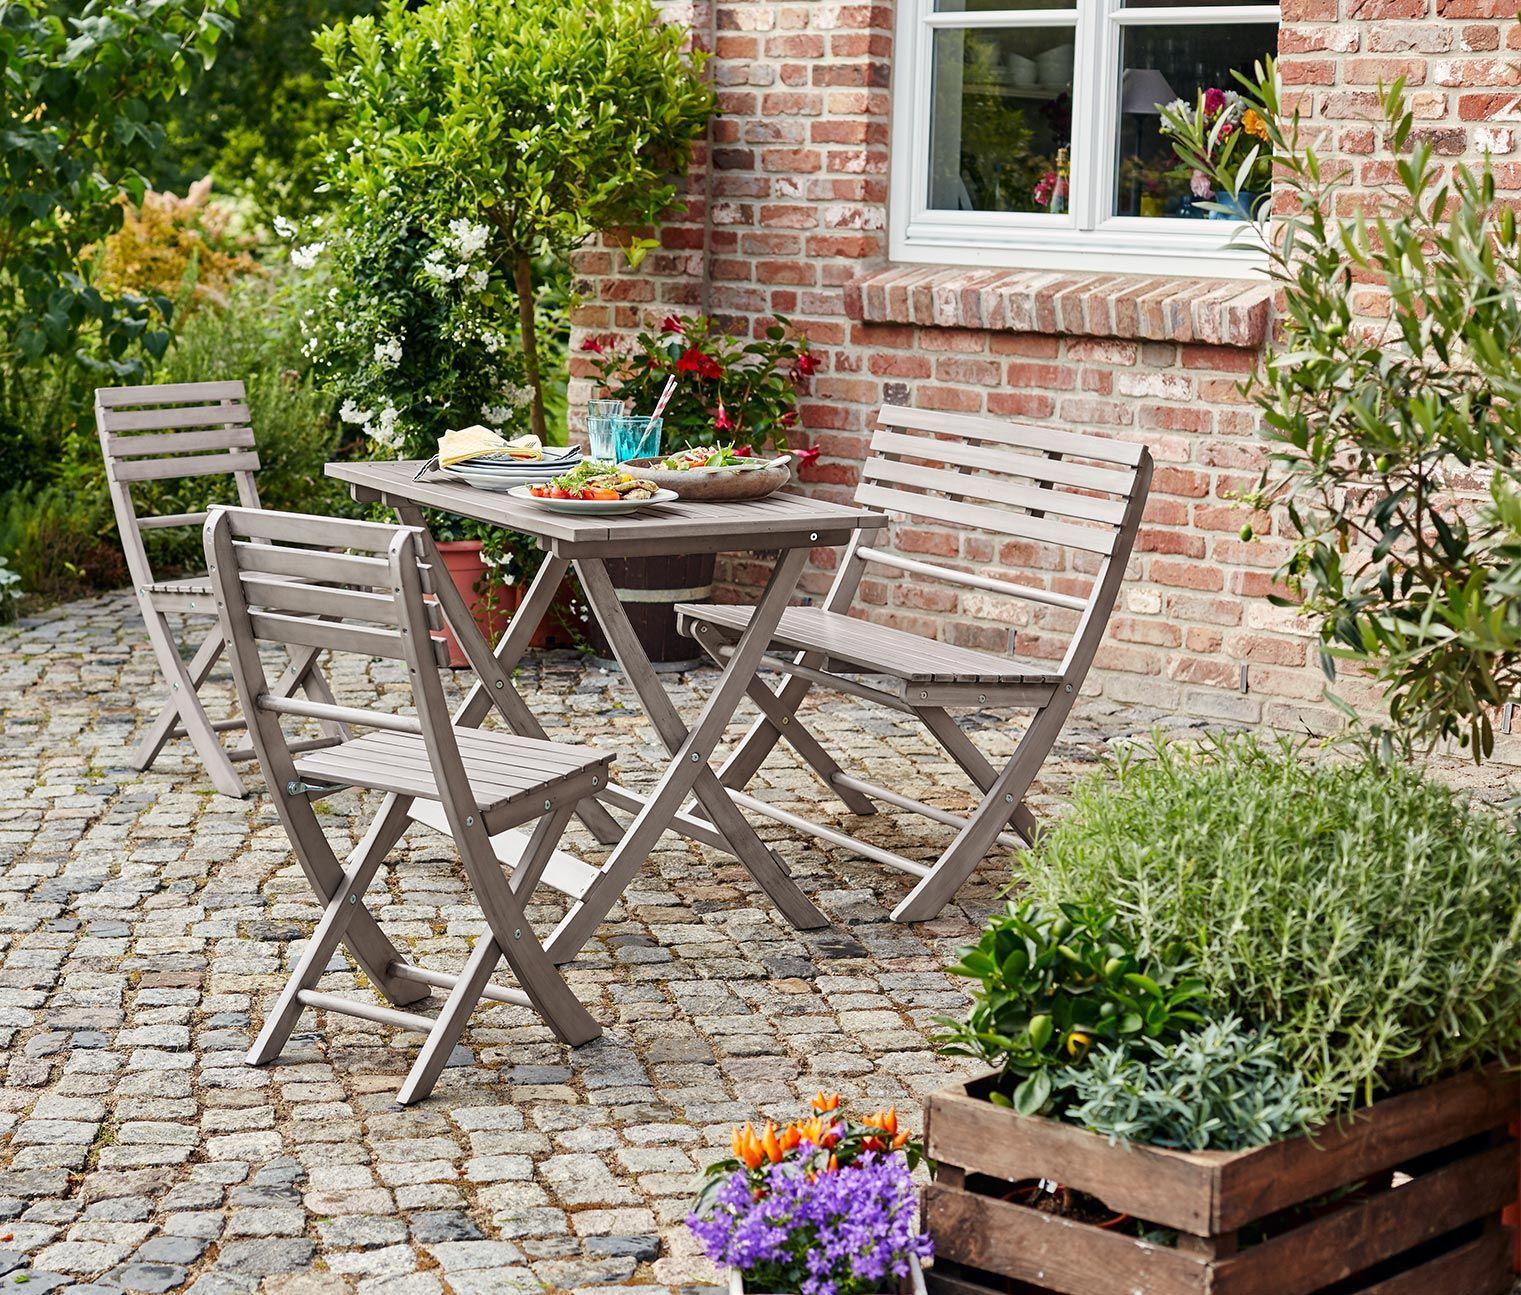 Gartenmöbel Landhaus 4 teiliges gartenmöbel set für 169 mit ihrem rustikalen charme